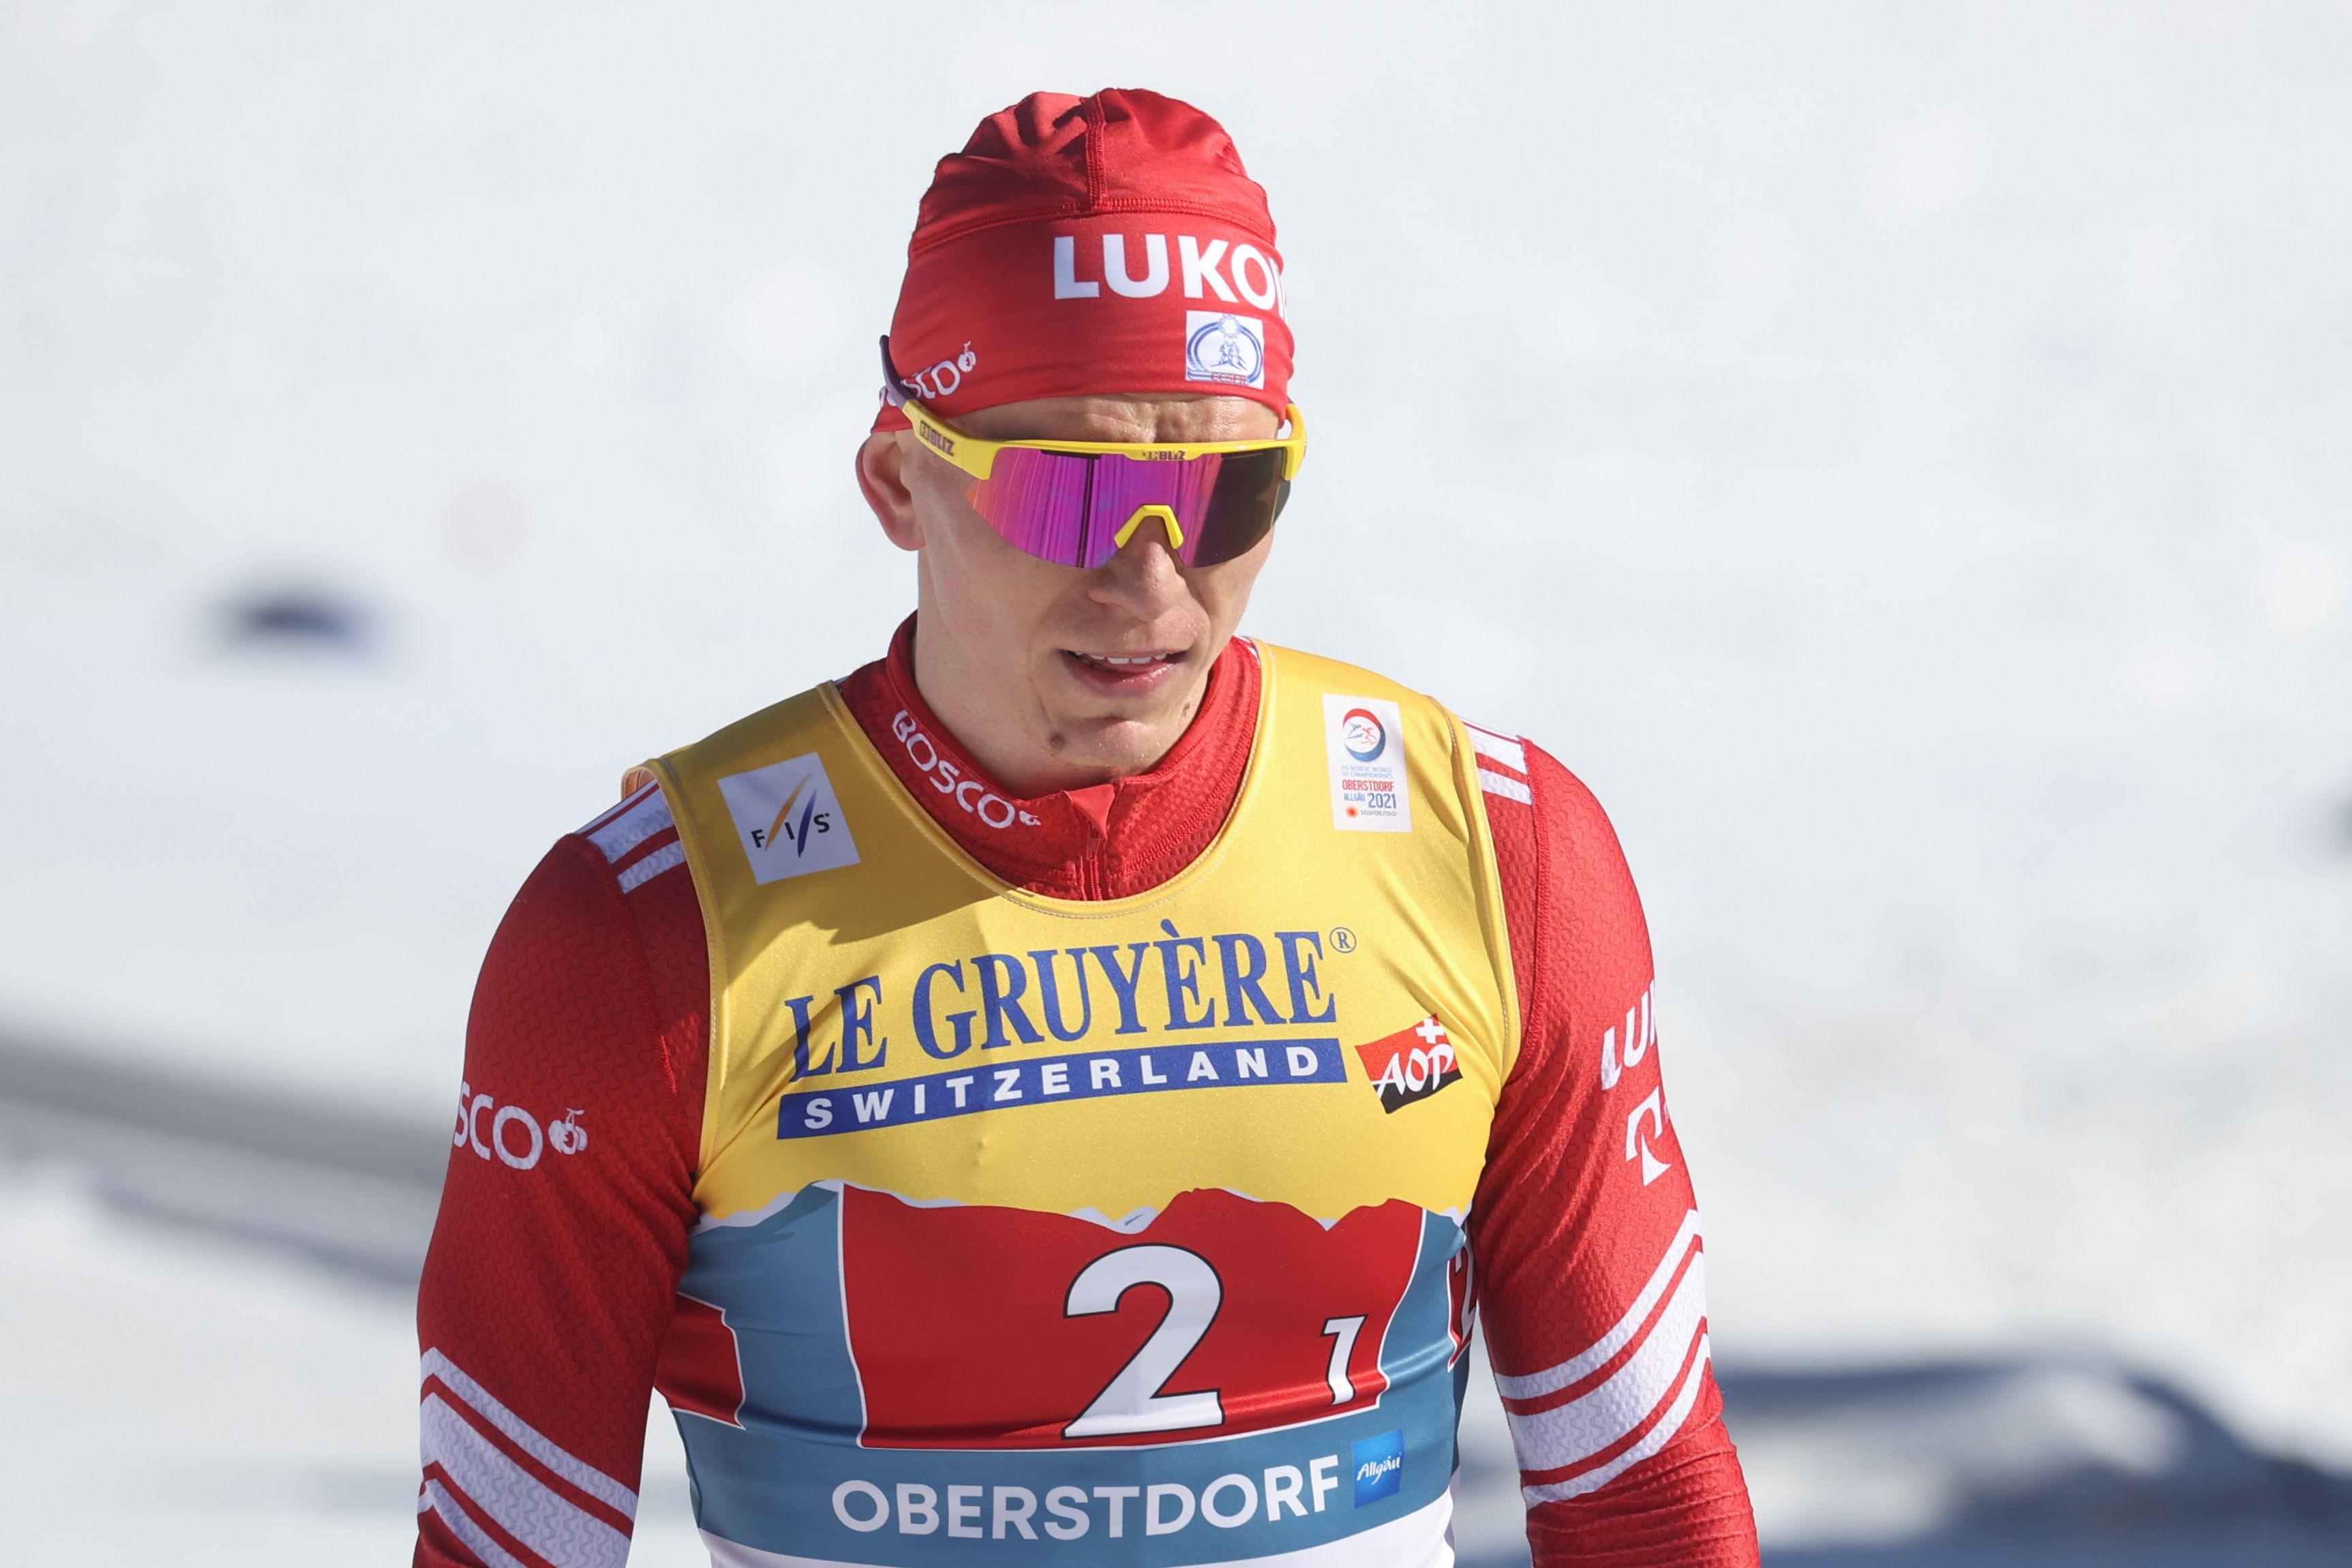 Большунов объяснил, по какой причине не стал сразу подходить к Ретивых после командного спринта